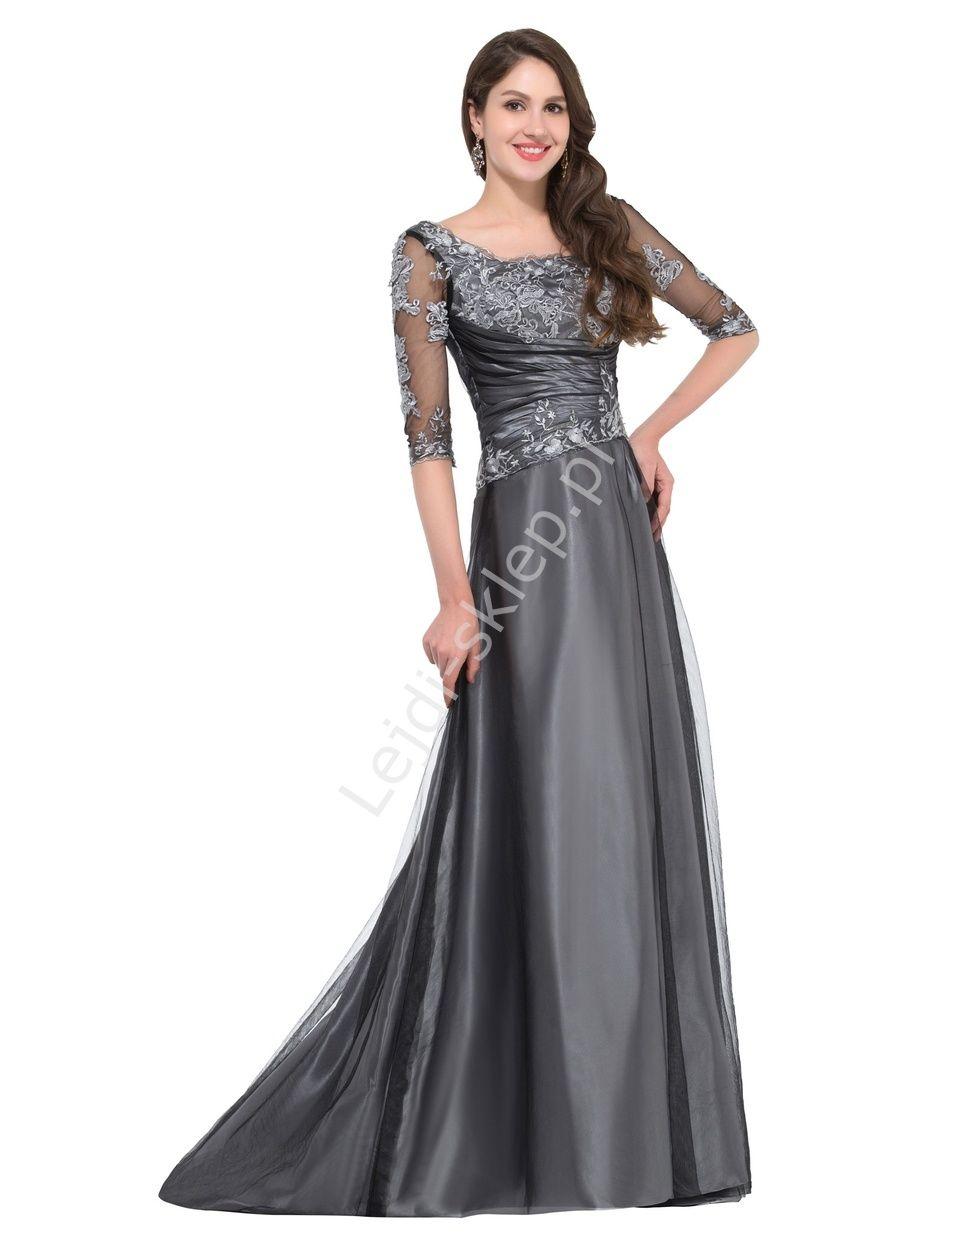 Grafitowo szara suknia dla dojrzałej kobiety wyrafinowana suknia z